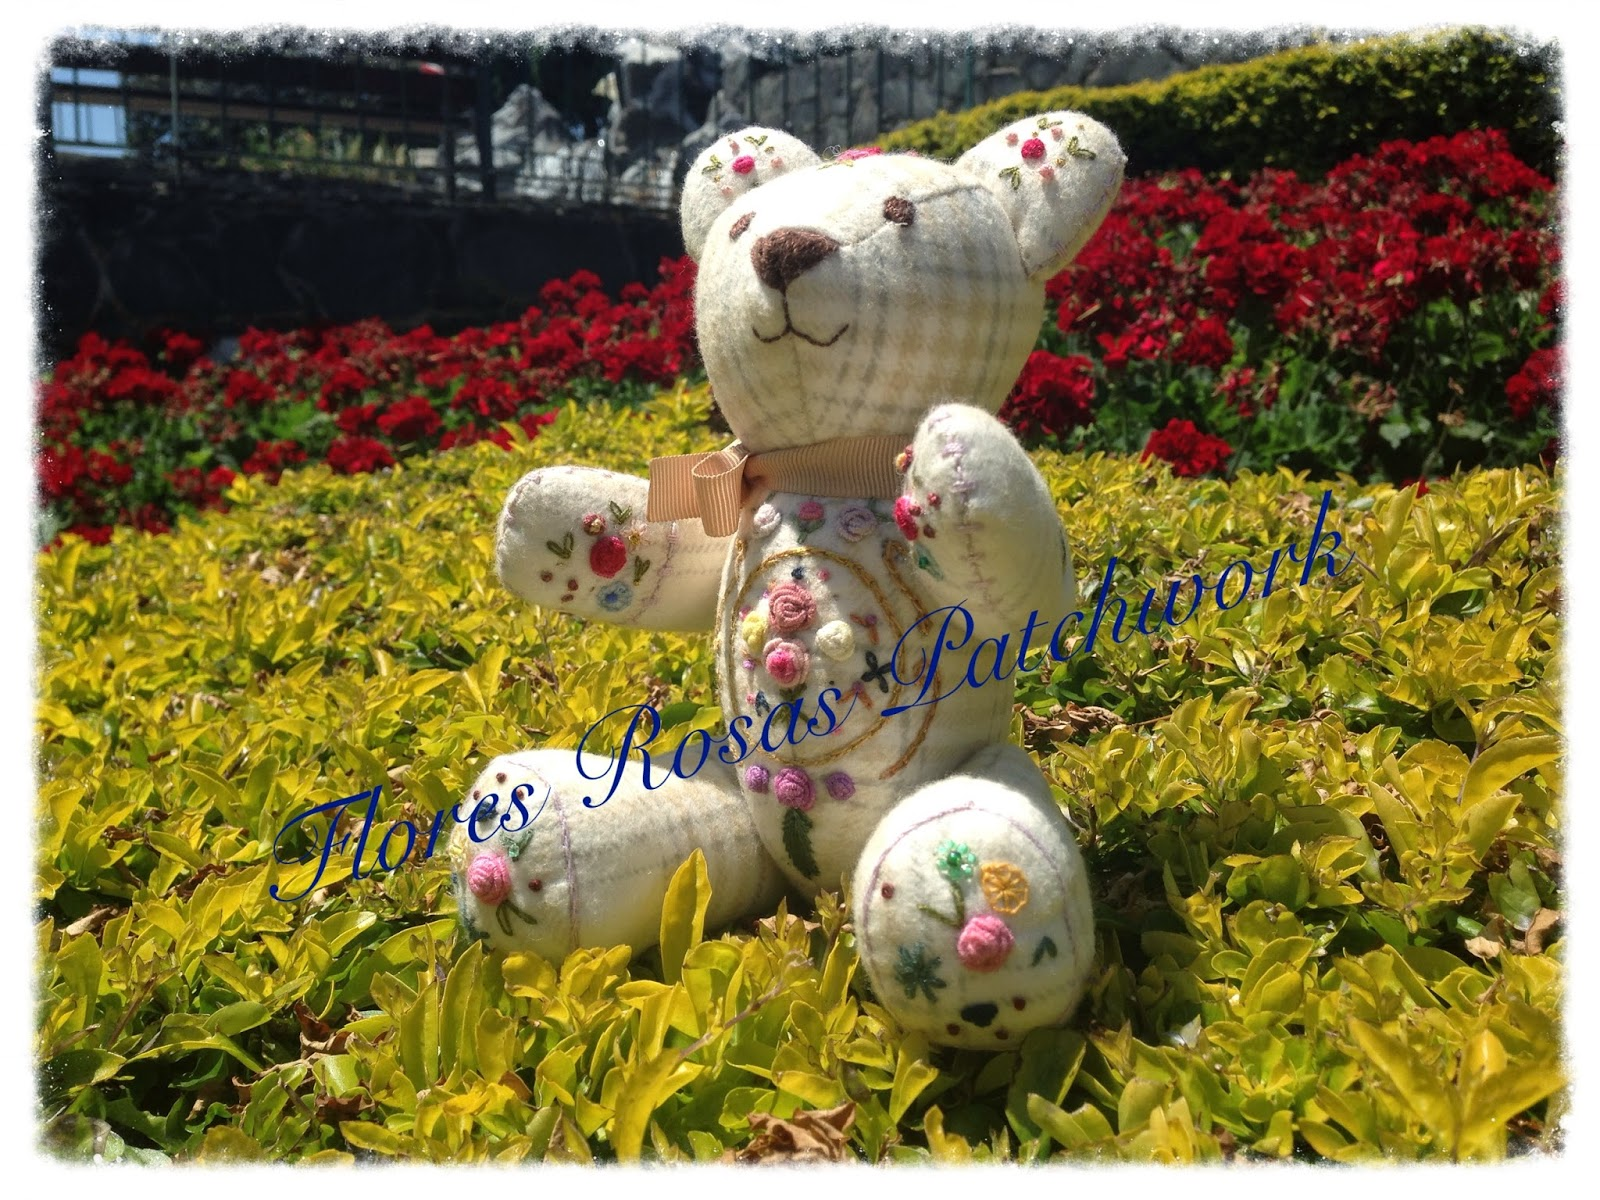 Imágenes de cumpleaños con osito, regalos y flores Mil  - Imagenes De Flores Con Ositos